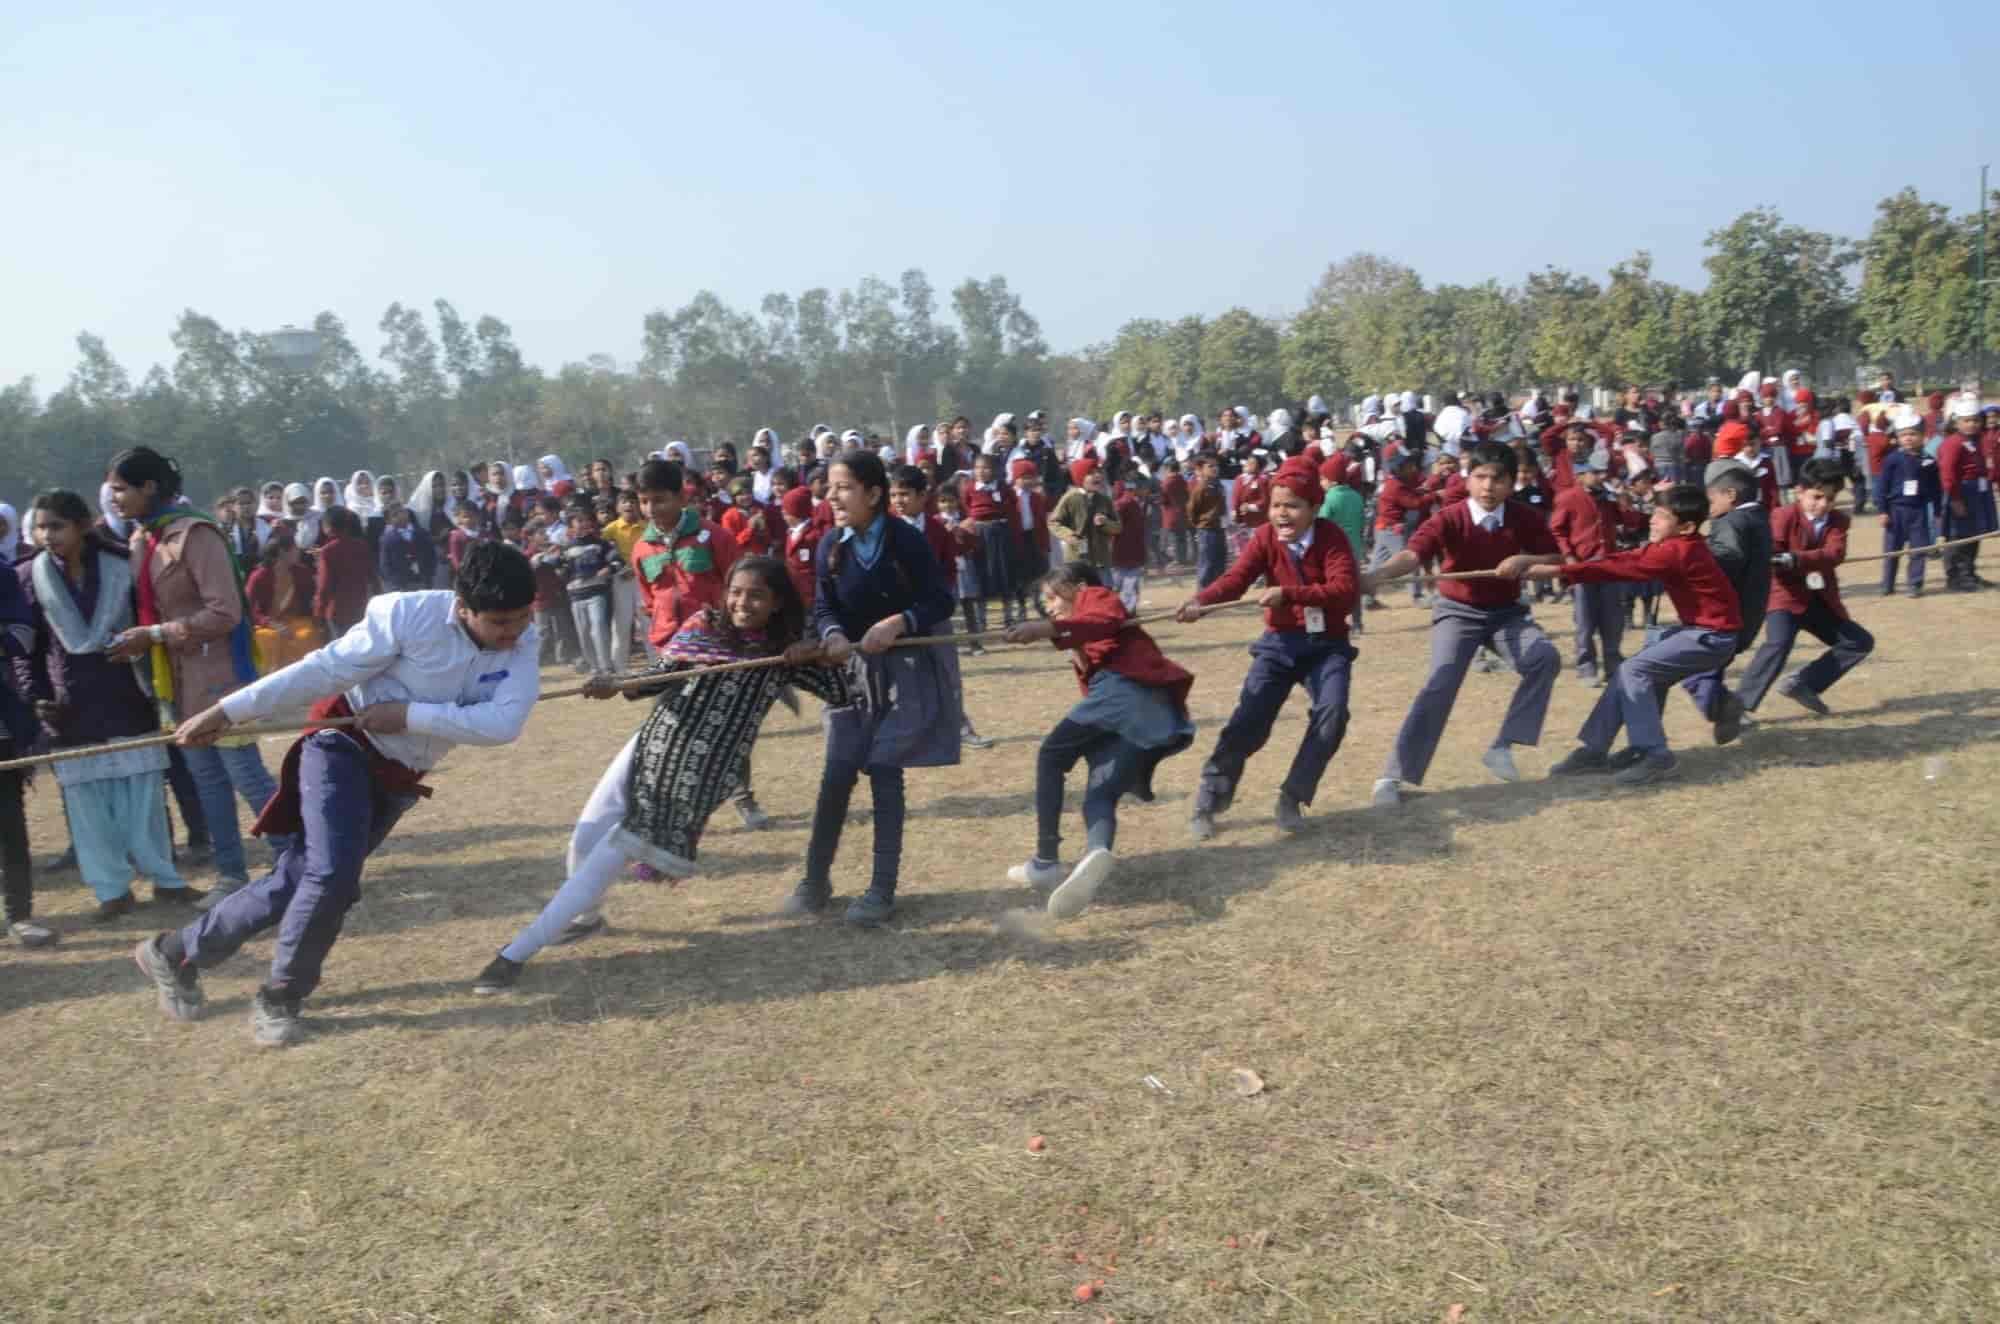 Meerut Girls Inter College, Hapur Road - Schools in Meerut